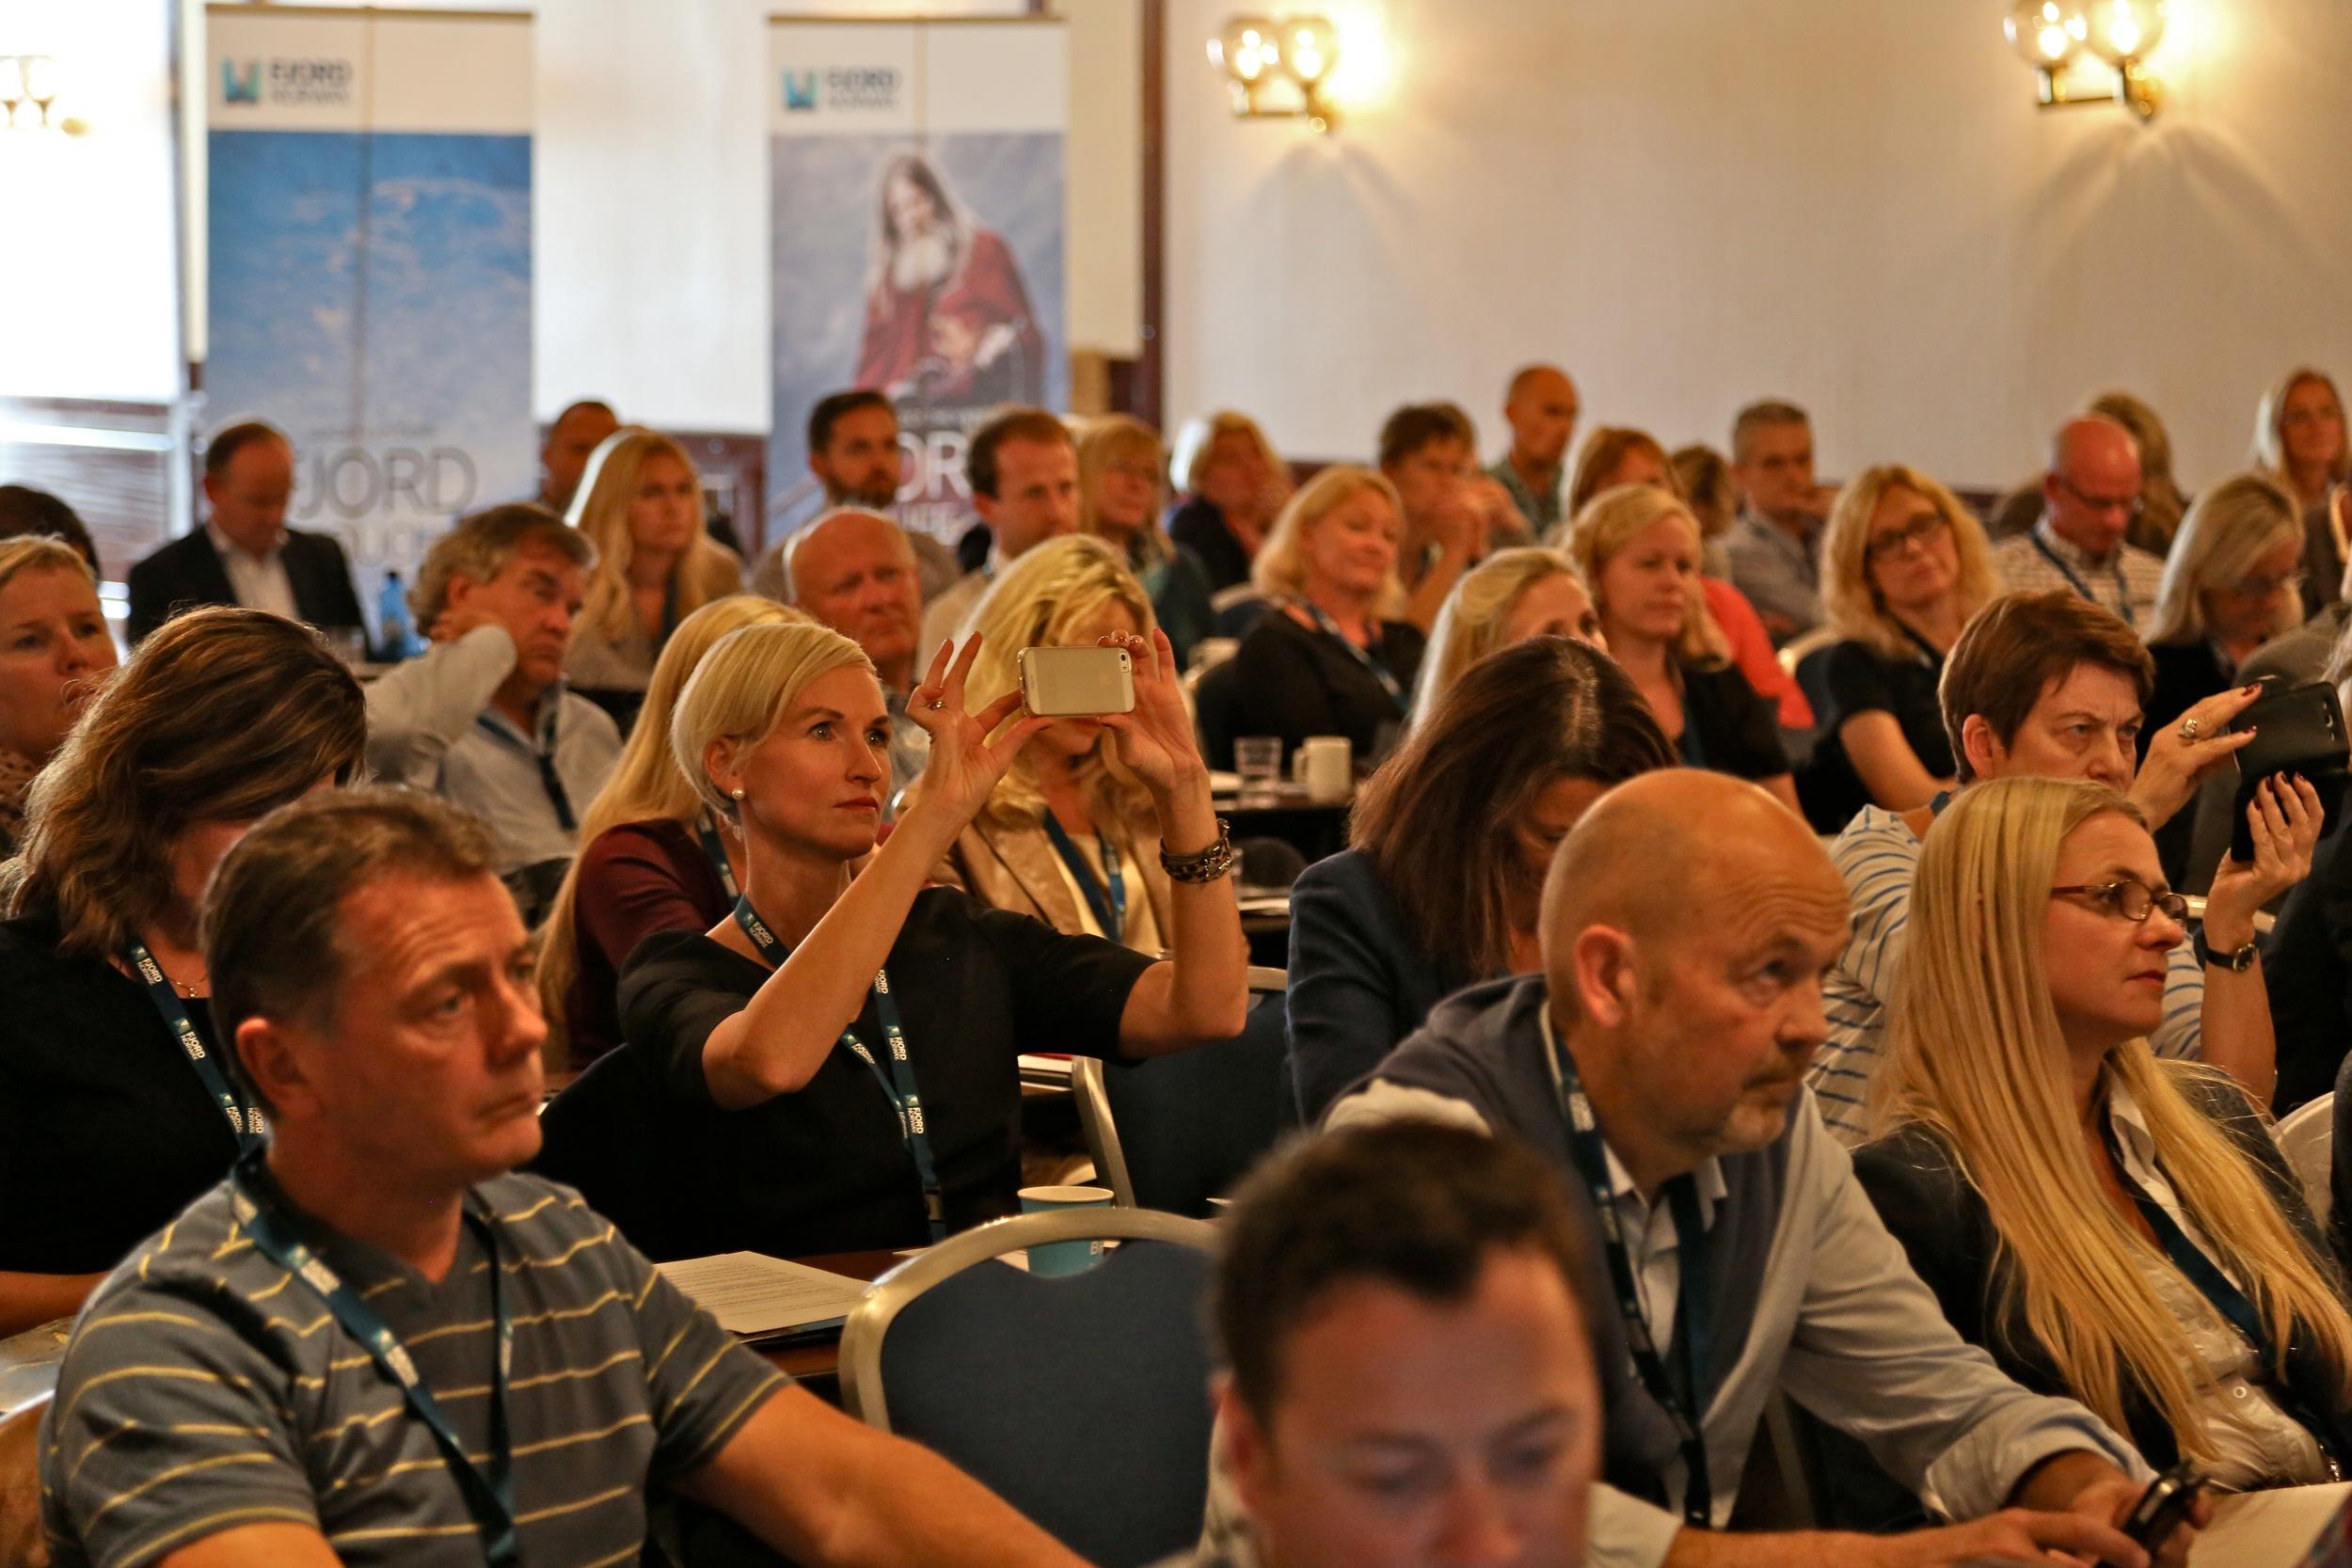 På jakt etter gode ideer. Torger Reves foredrag vakte oppmerksomhet. Foto: Odd Roar Lange